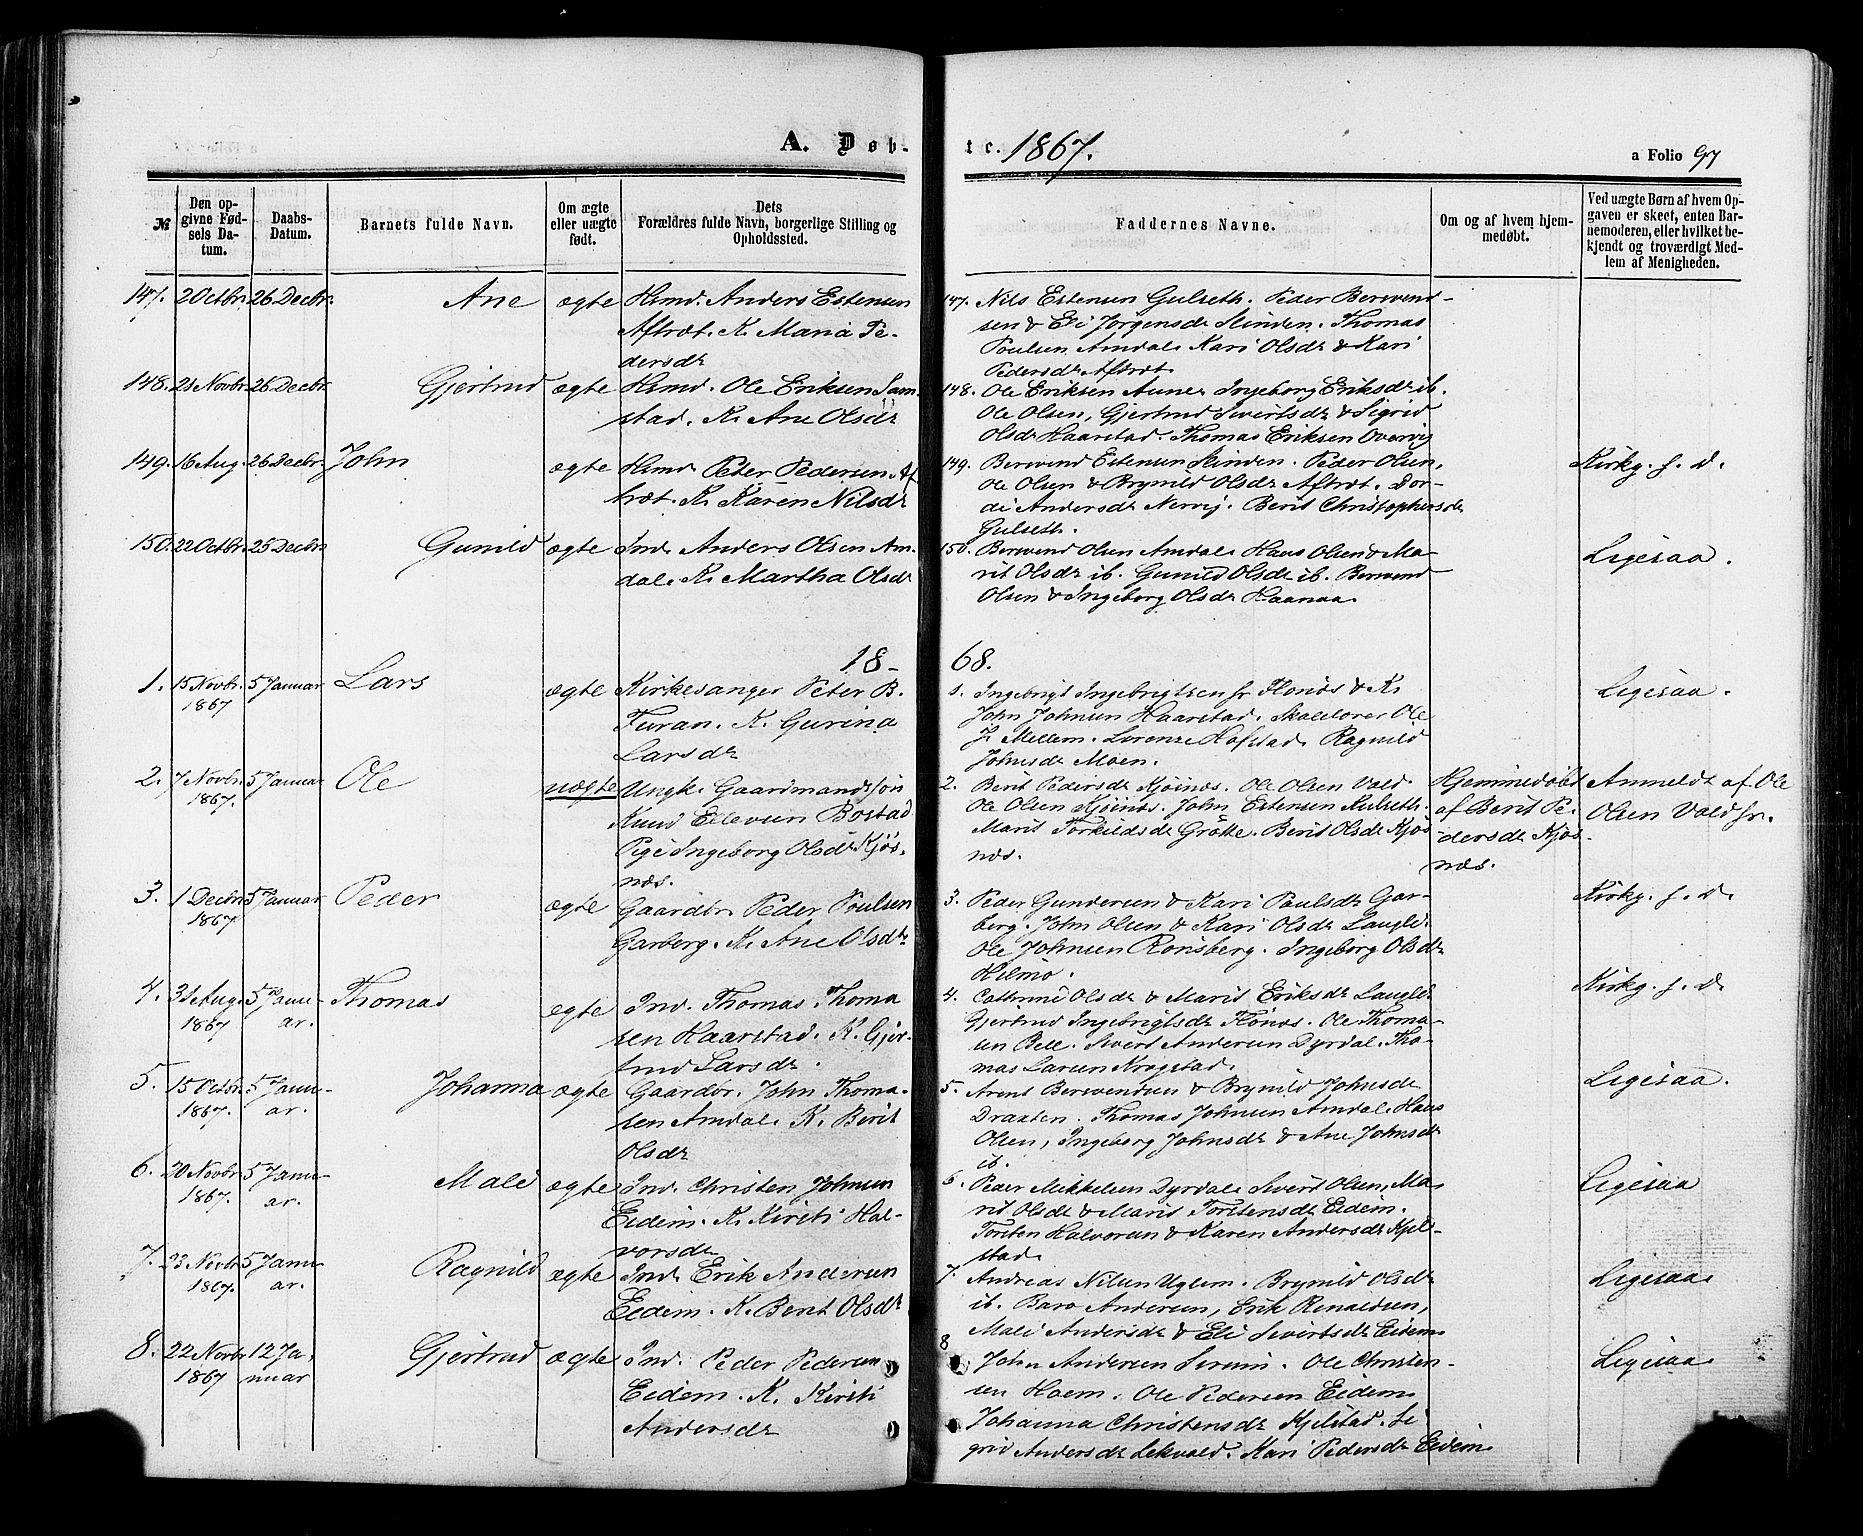 SAT, Ministerialprotokoller, klokkerbøker og fødselsregistre - Sør-Trøndelag, 695/L1147: Ministerialbok nr. 695A07, 1860-1877, s. 97